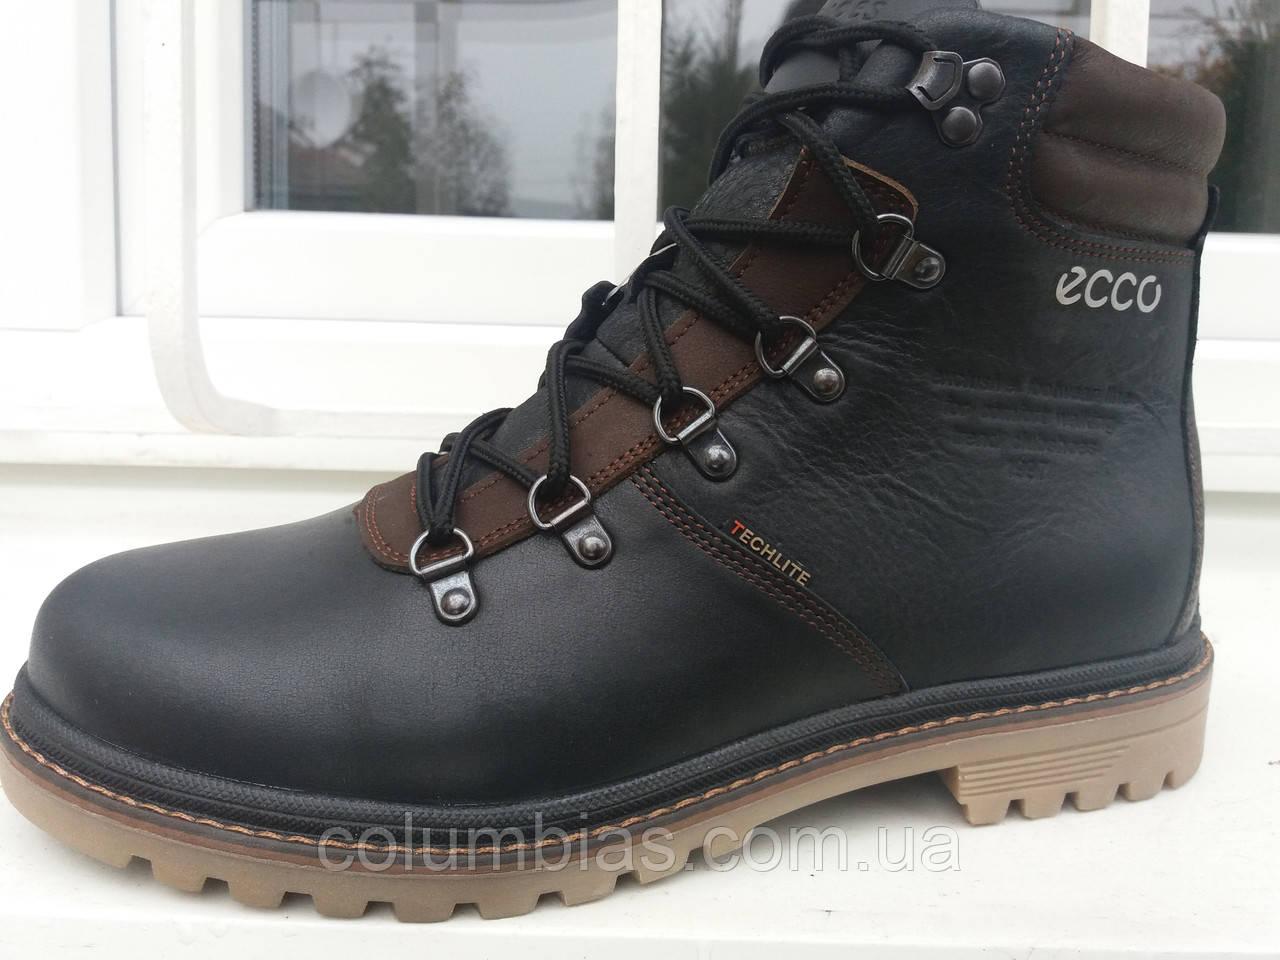 Ботинки ecco зимние кожаные - ВЕСЬ ТОВАР В НАЛИЧИИ. ЗВОНИТЕ В ЛЮБОЕ ВРЕМЯ !  в 4fc8f1e1ab173